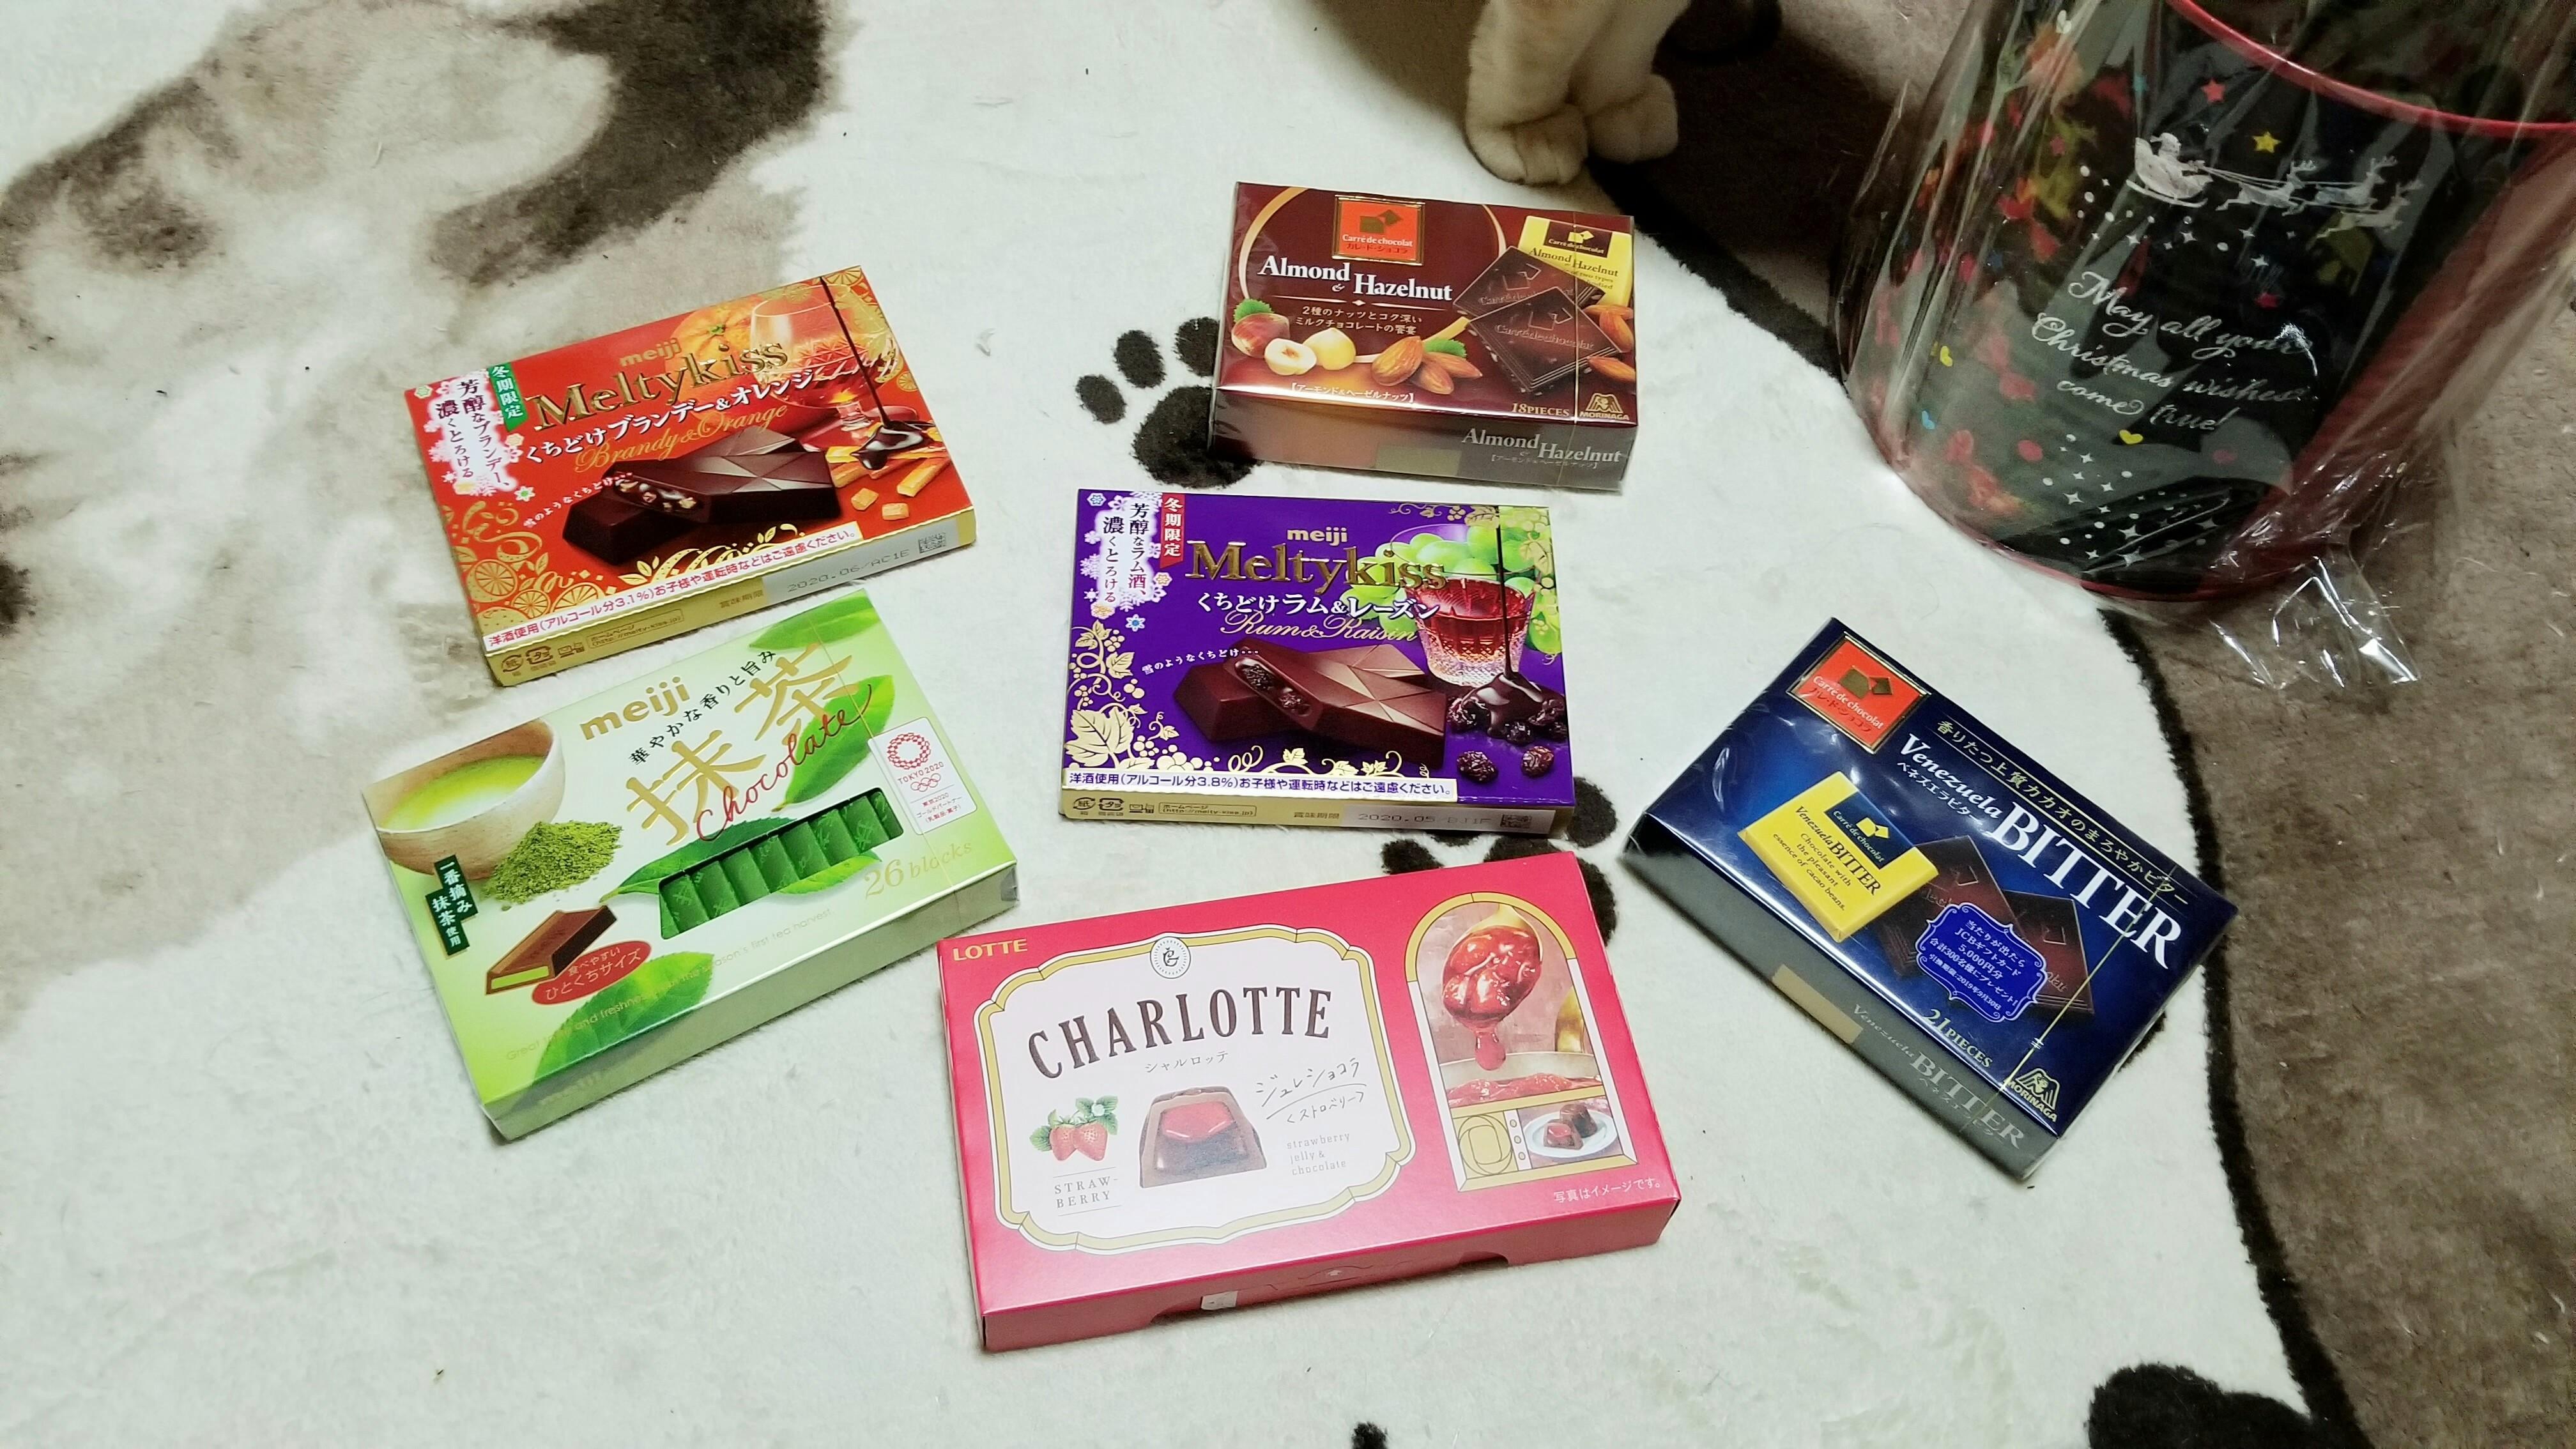 チョコレート大好きハマるおいしいおすすめ森永明治ビター抹茶洋酒